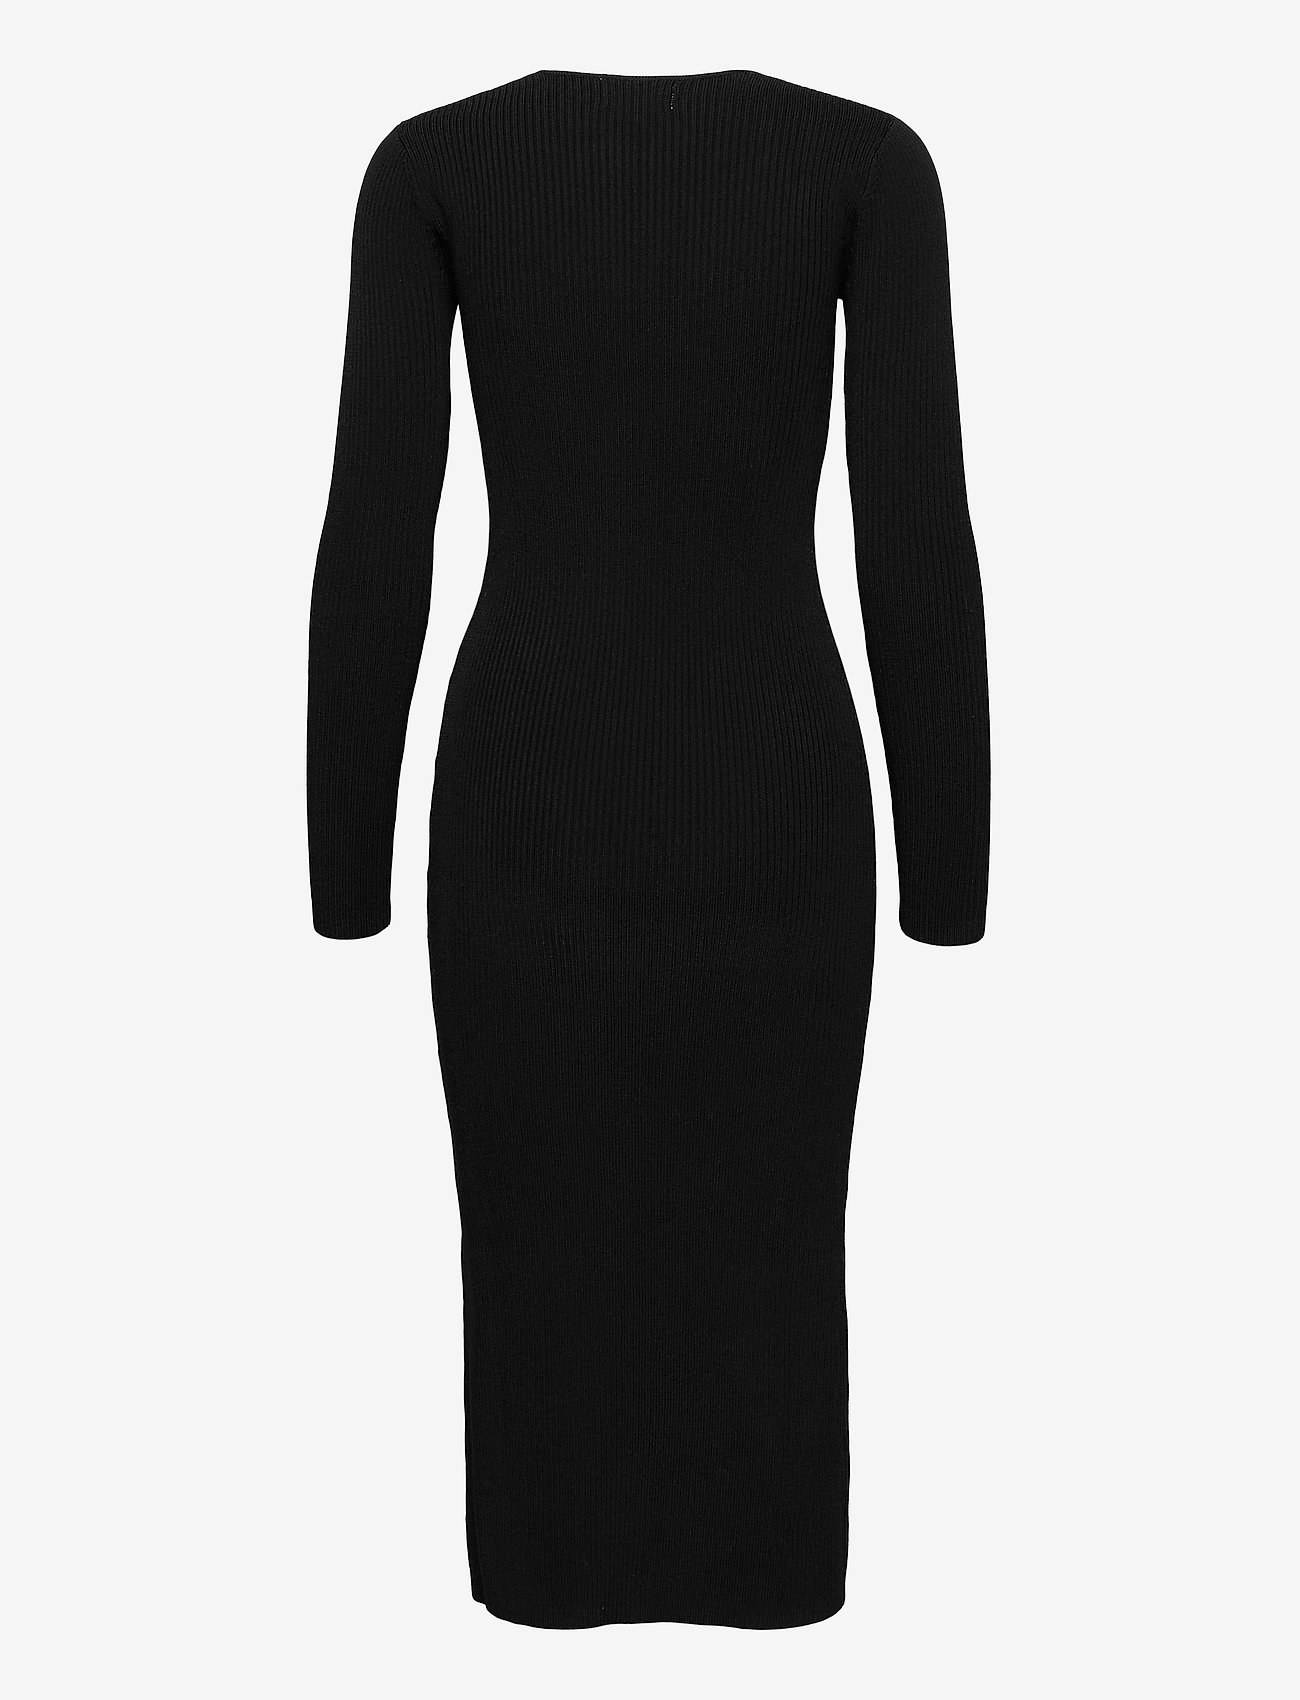 Ganni - Melange Knit - sommerkjoler - black - 1